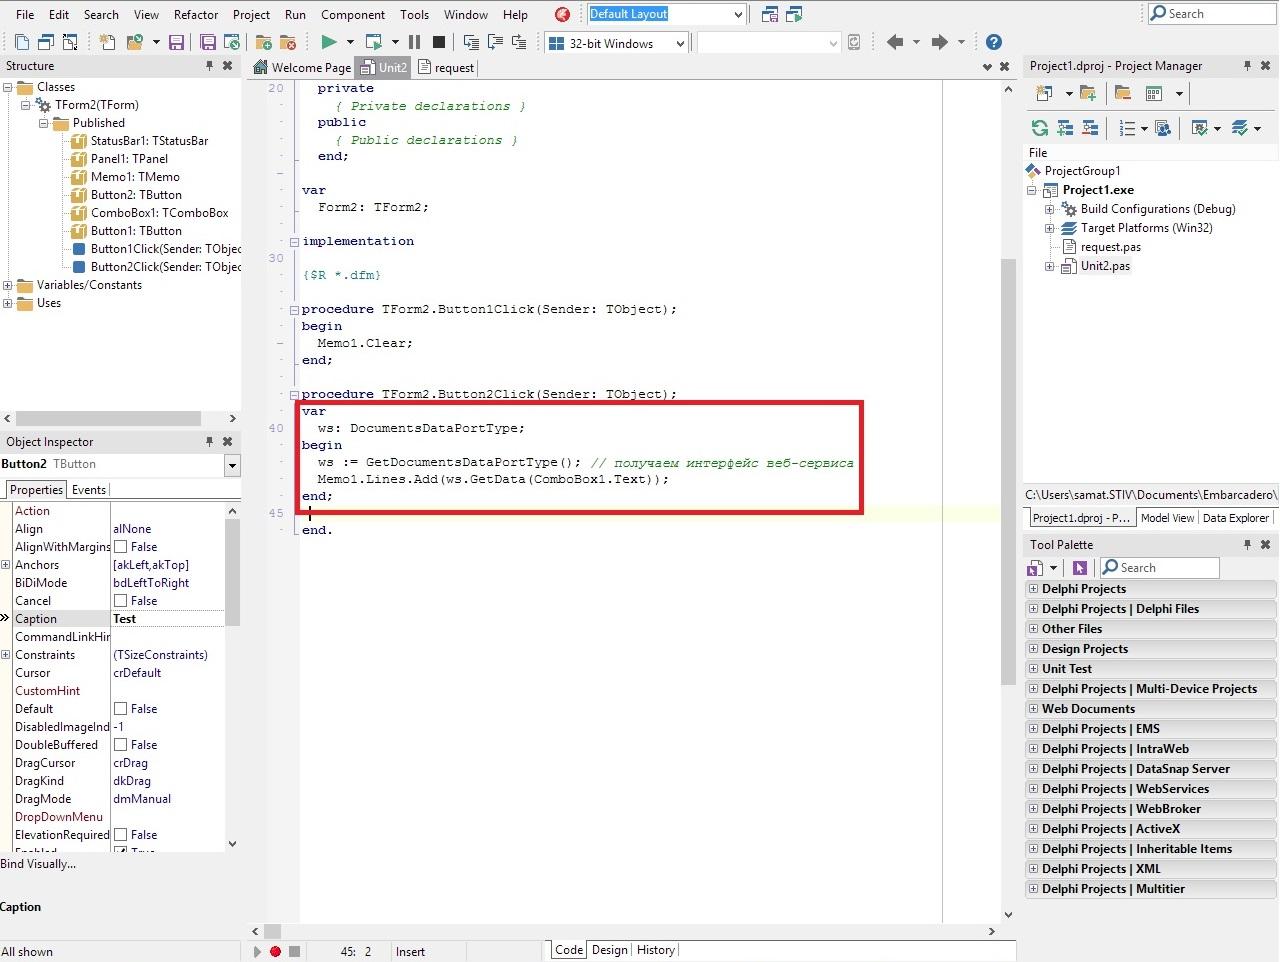 1с web сервис пример обращения обновление для 1с 7.7 через интернет